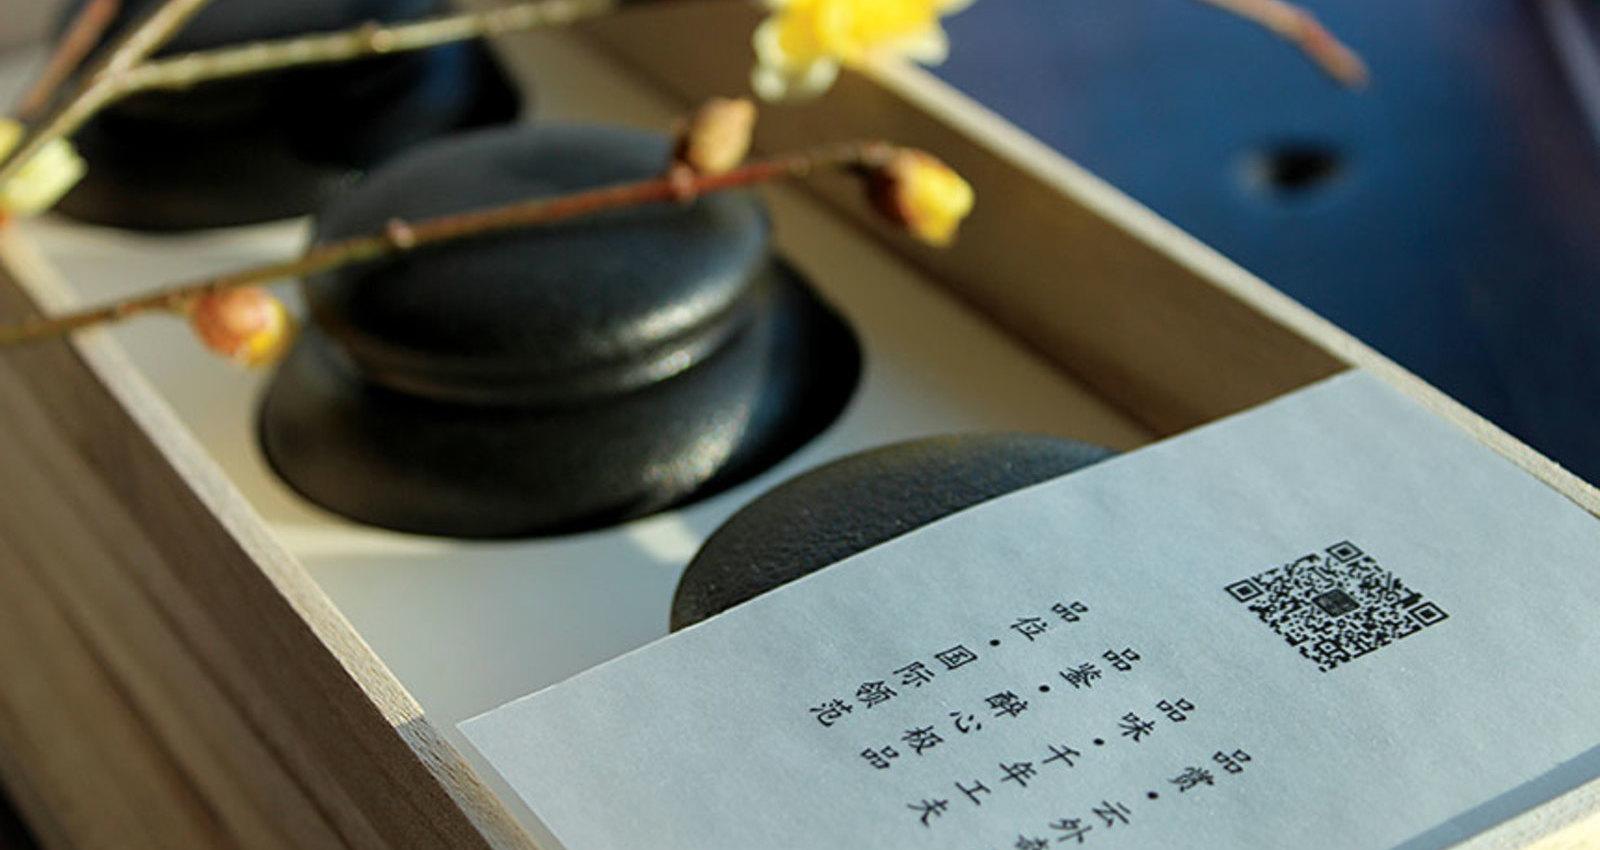 Xinlin Teahouse - 1793 Chaoshan Old Port Gongfu Tea